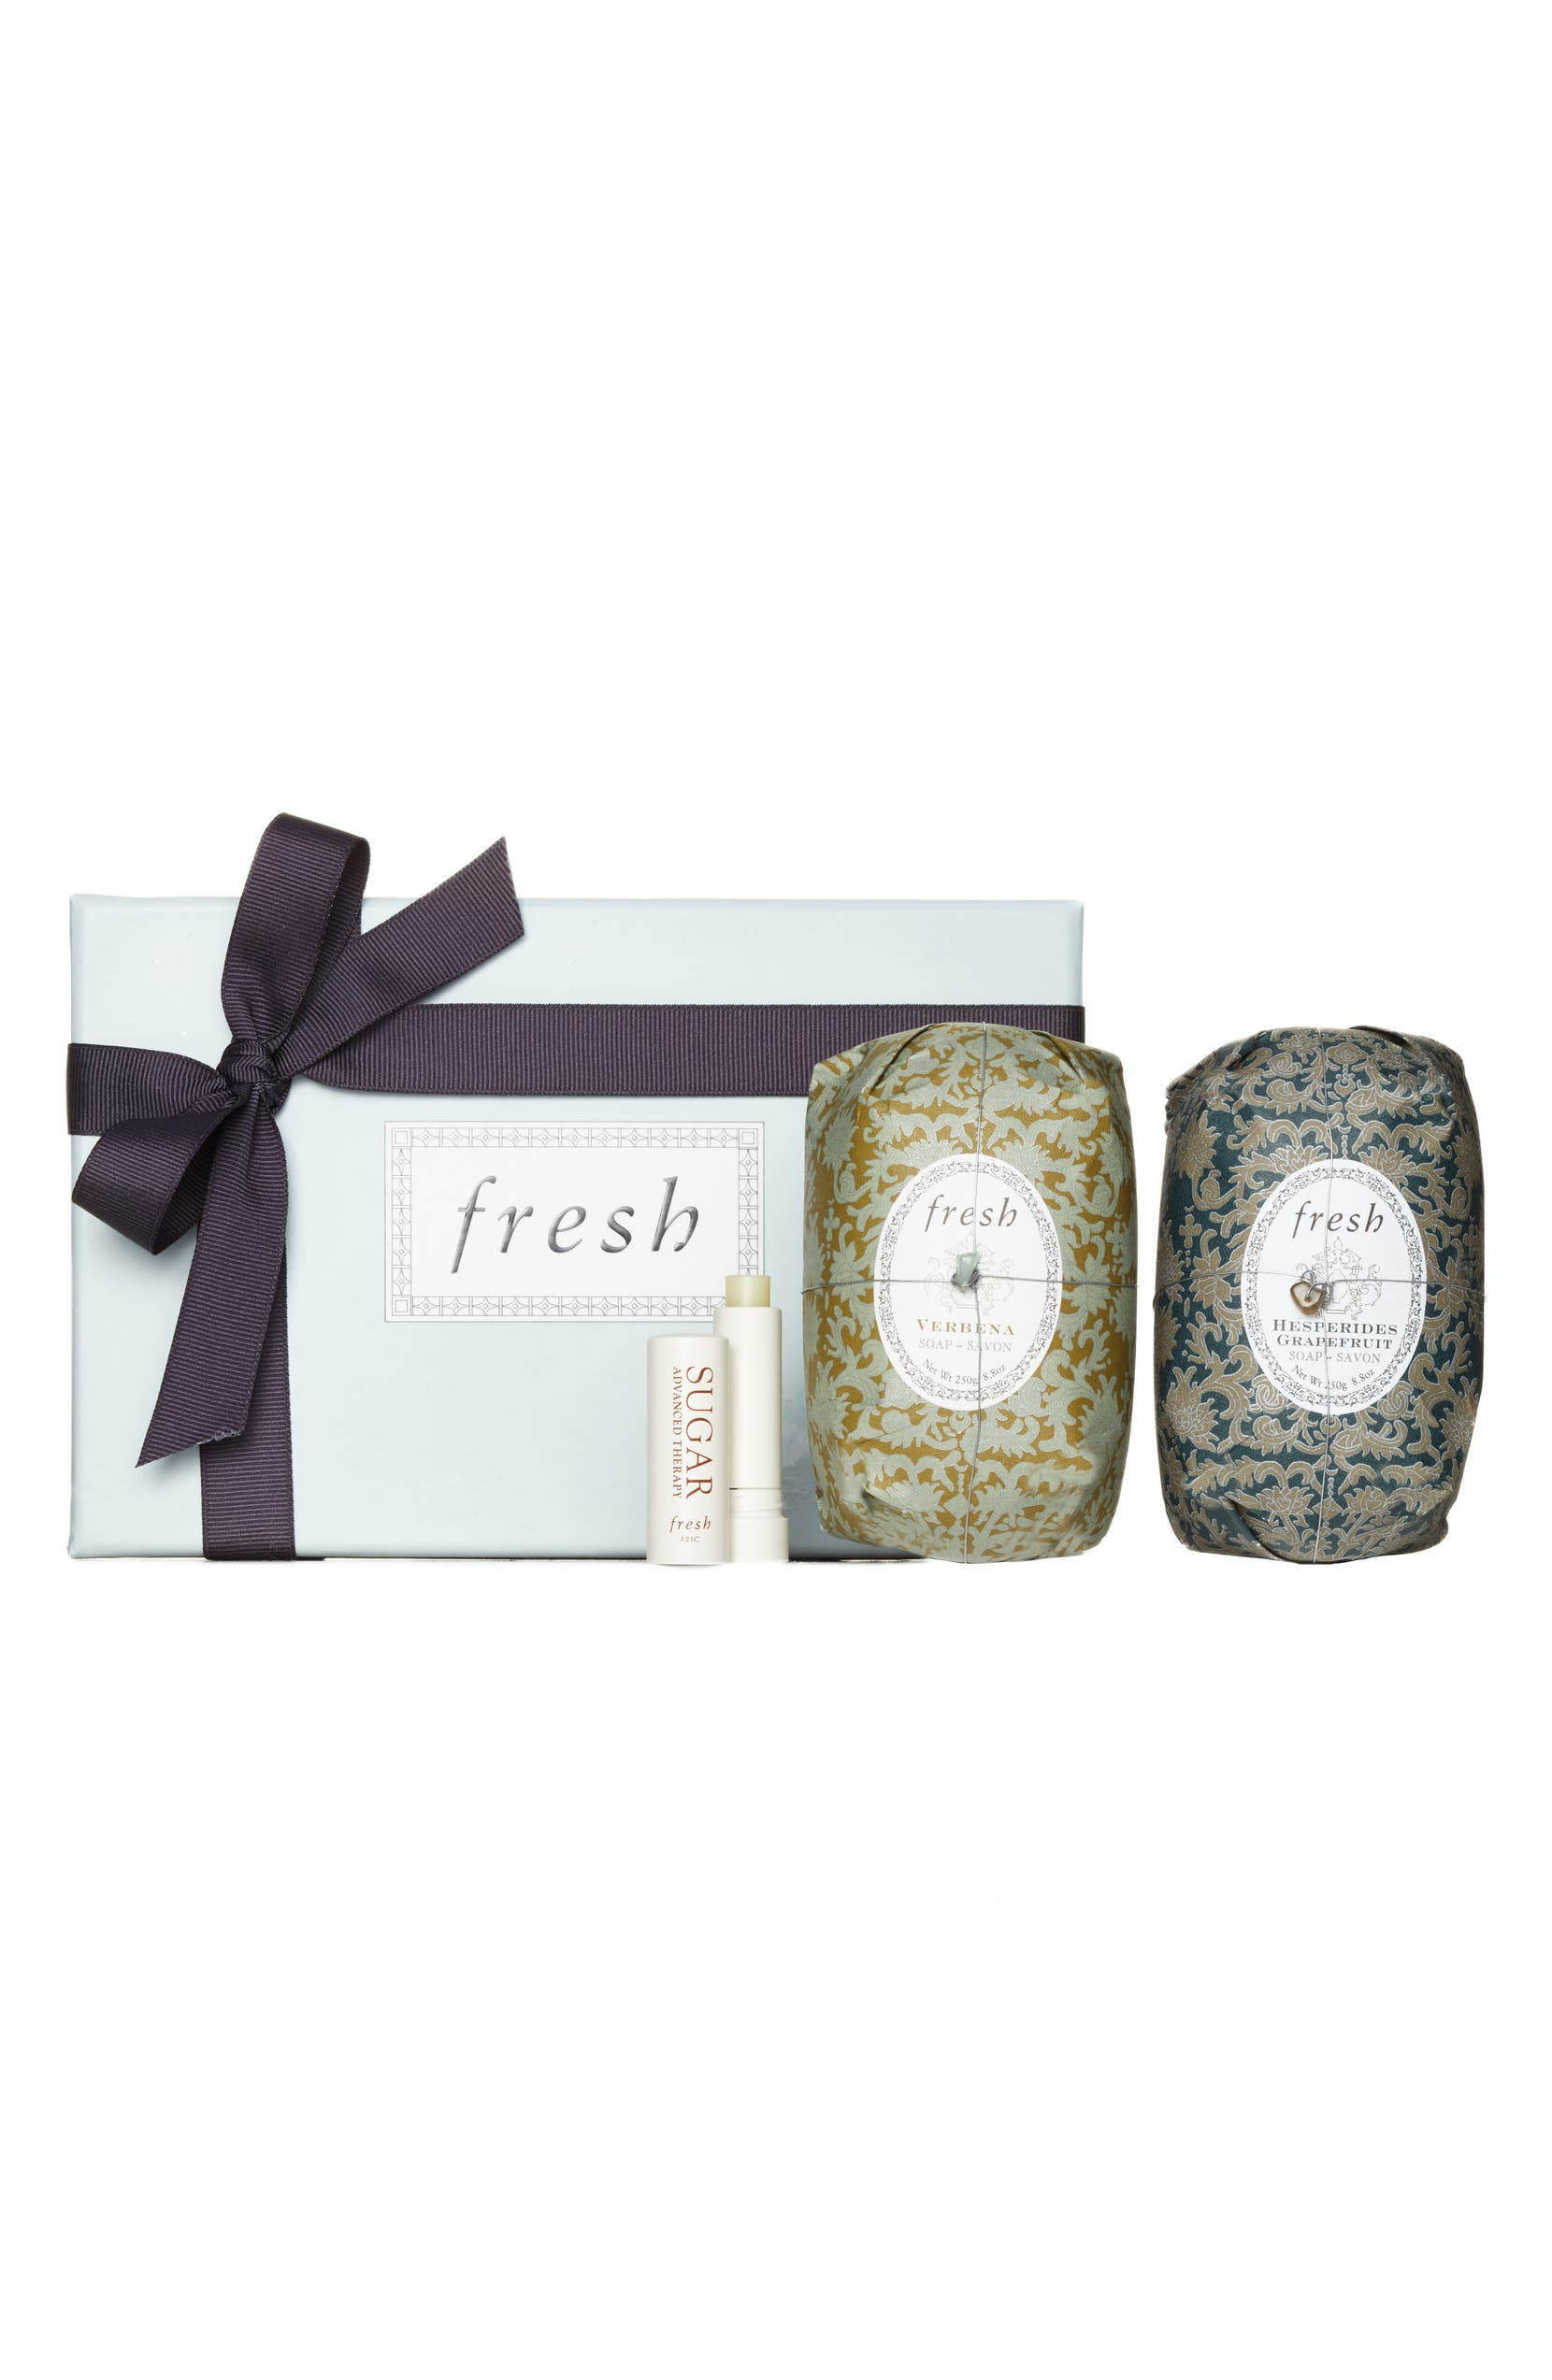 fresh oval soap set 43 value nordstrom